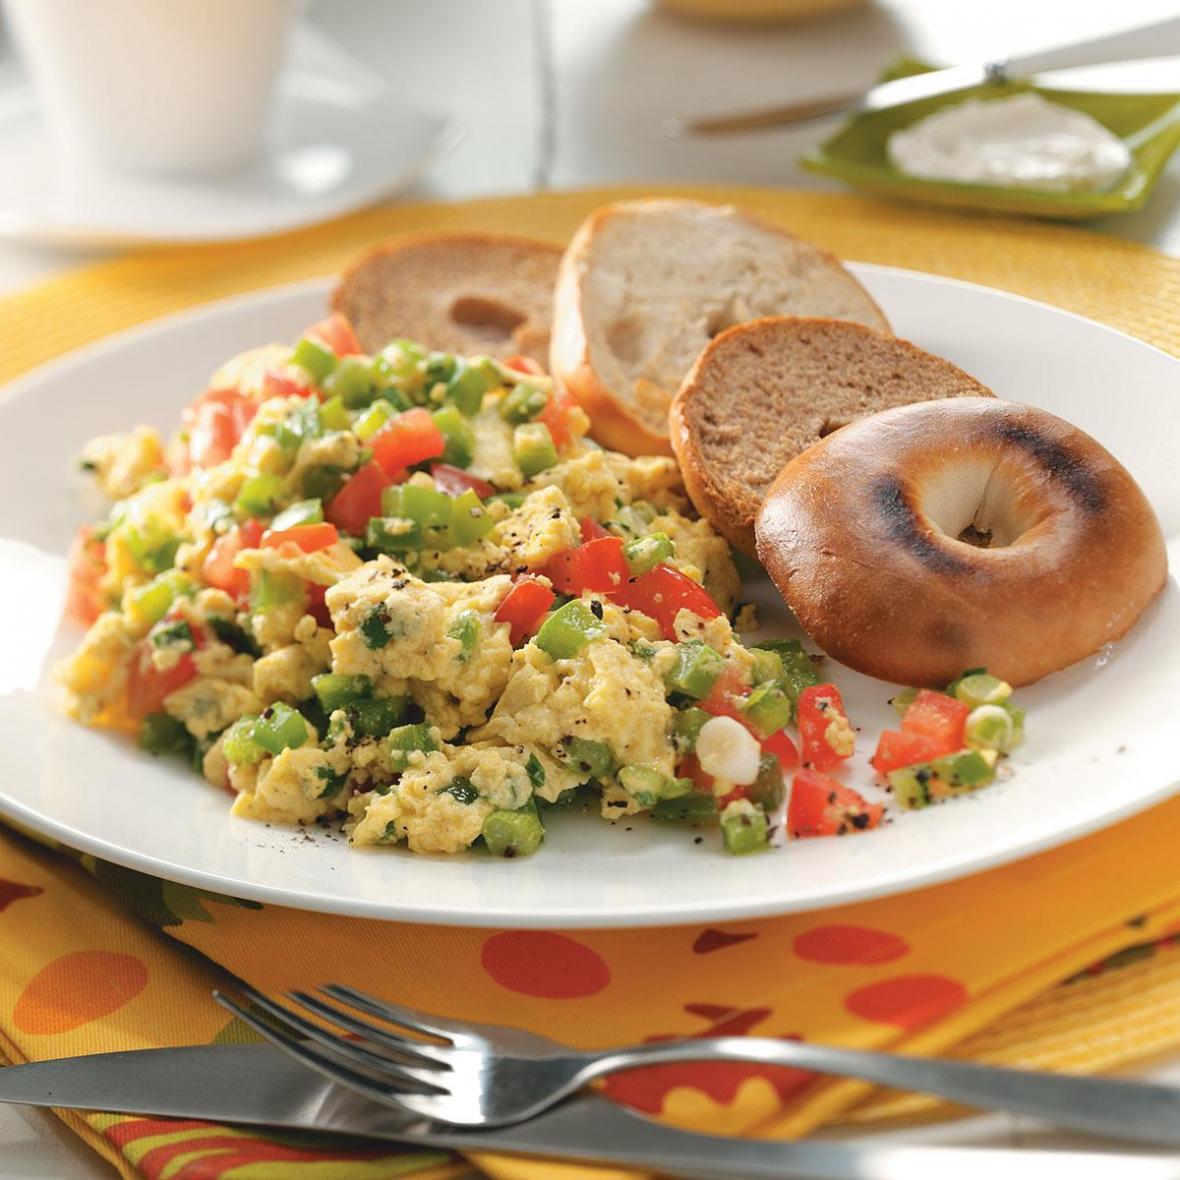 دستور پخت غذای کانادایی: اسکرامبل تخم مرغ و سبزیجات